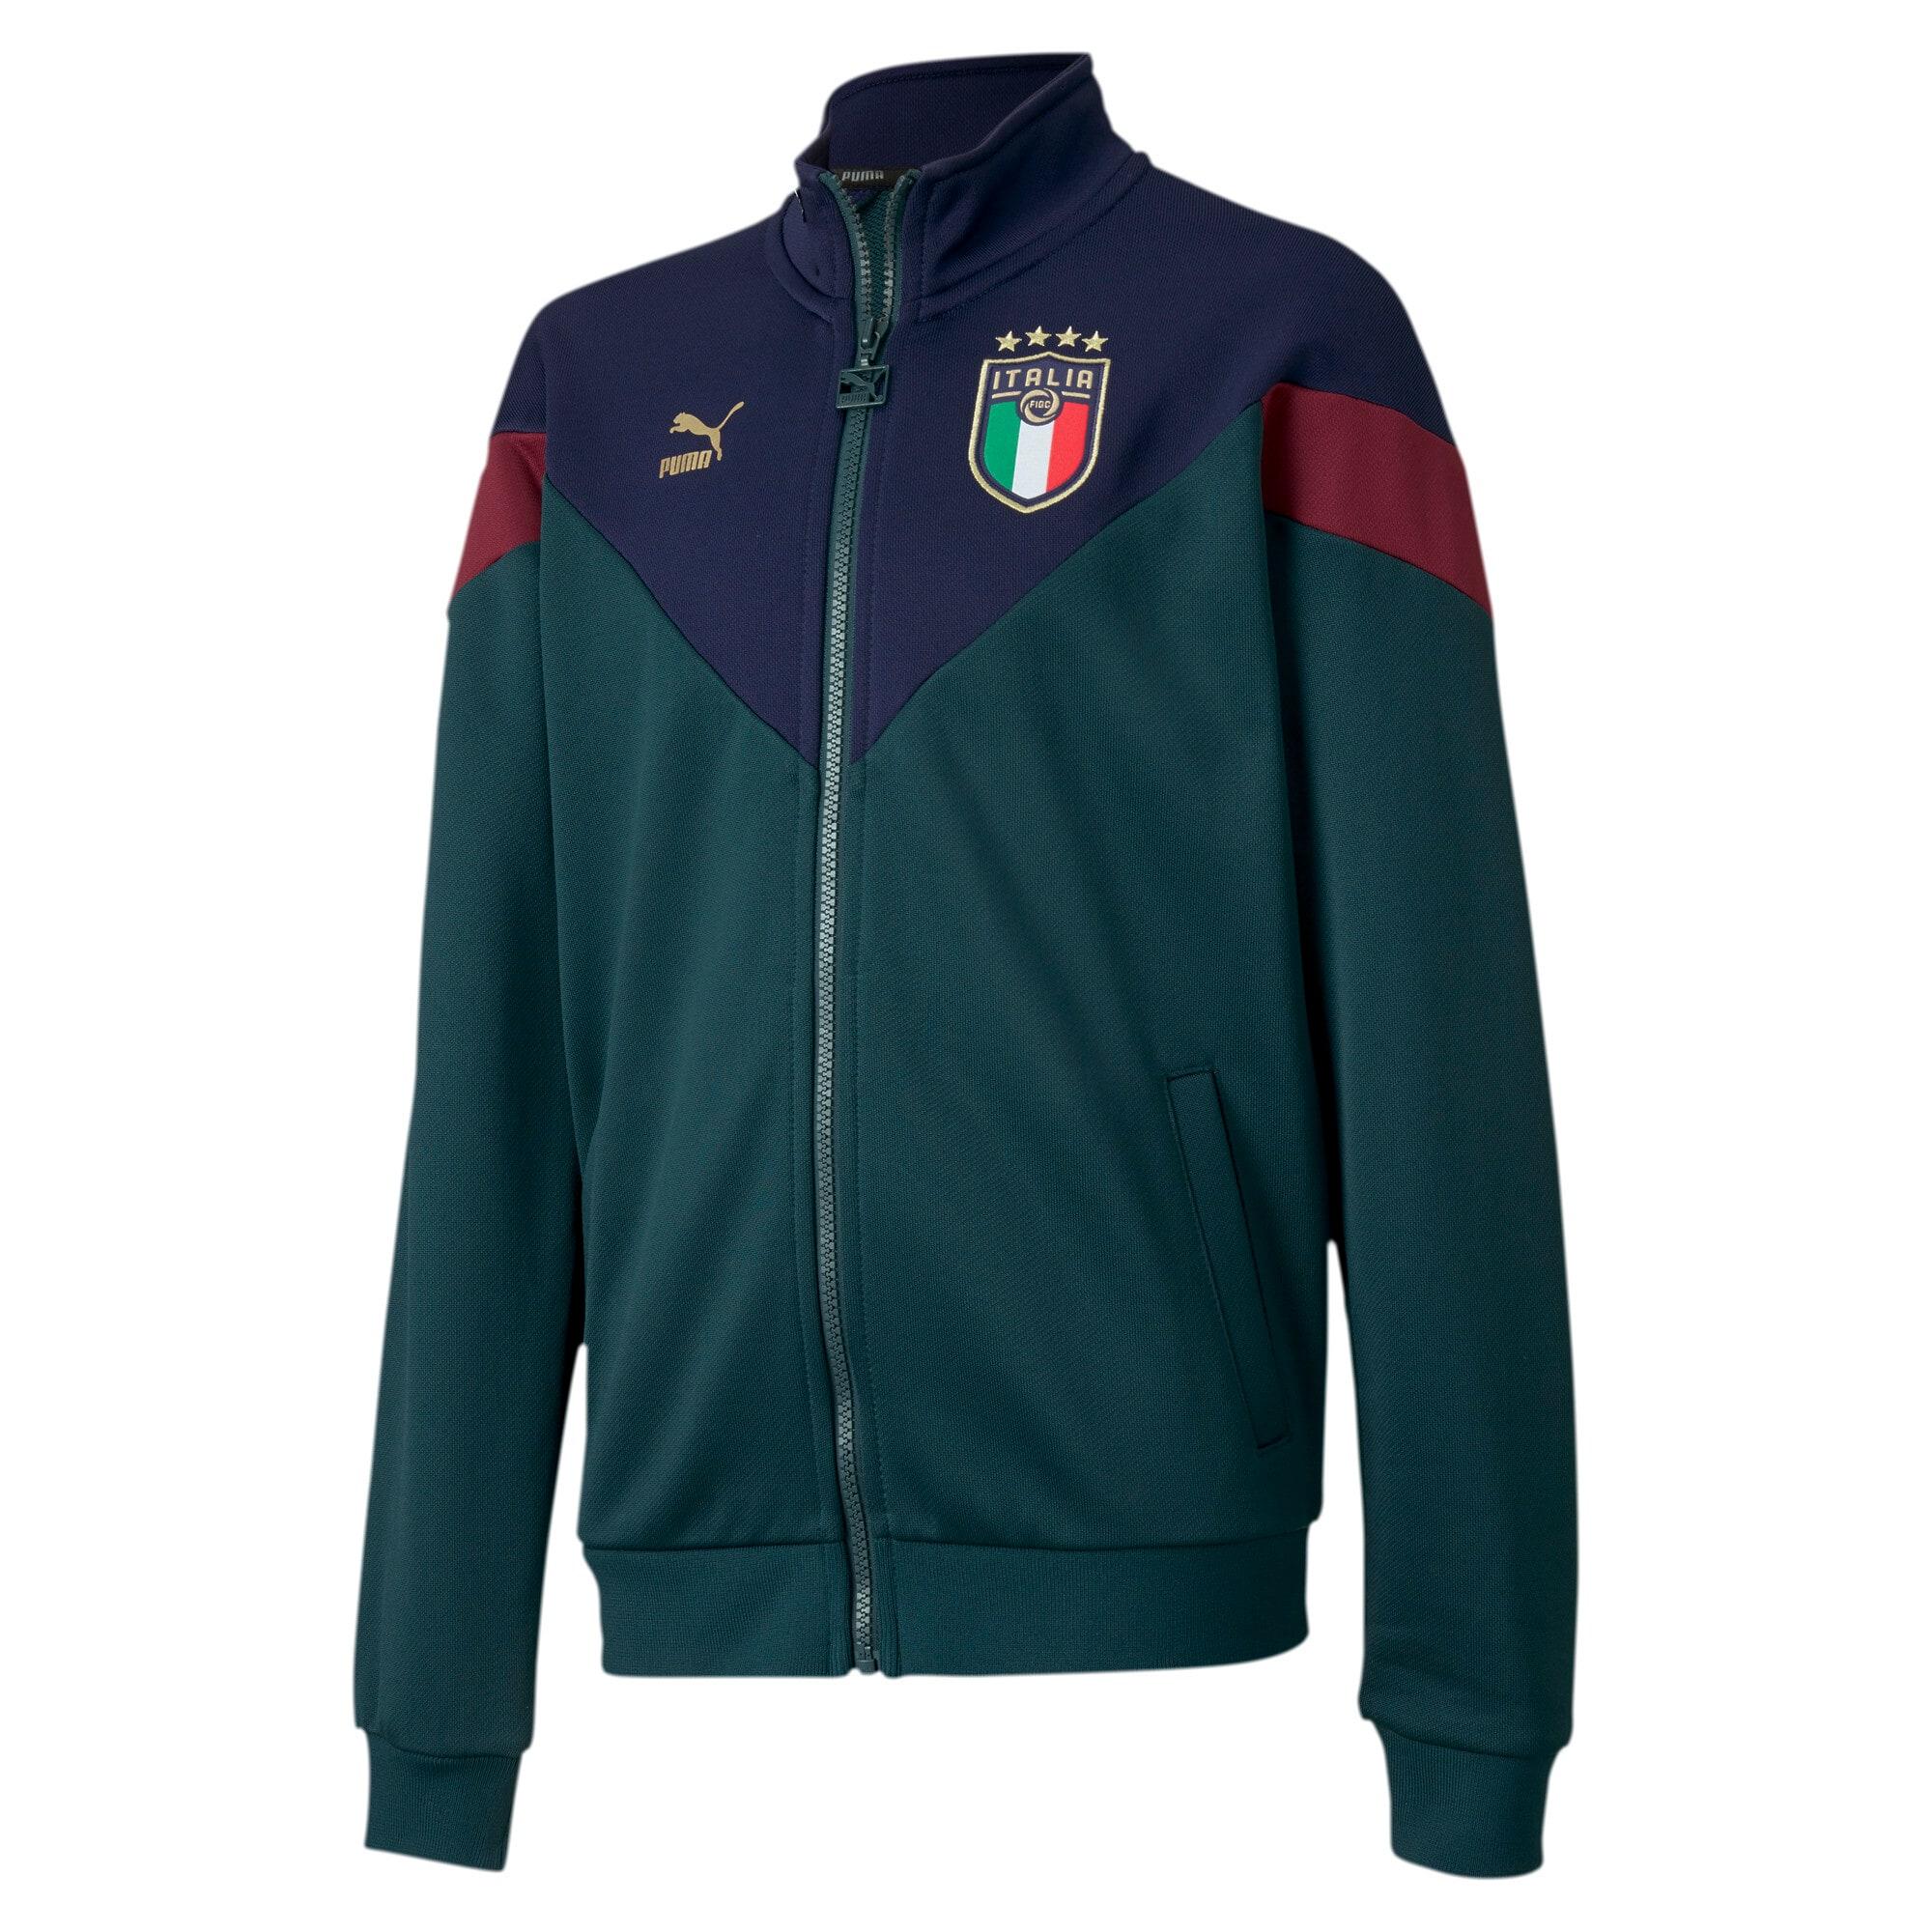 Thumbnail 1 of Italia Kids' MCS Track Jacket, Ponderosa Pine-Peacoat, medium